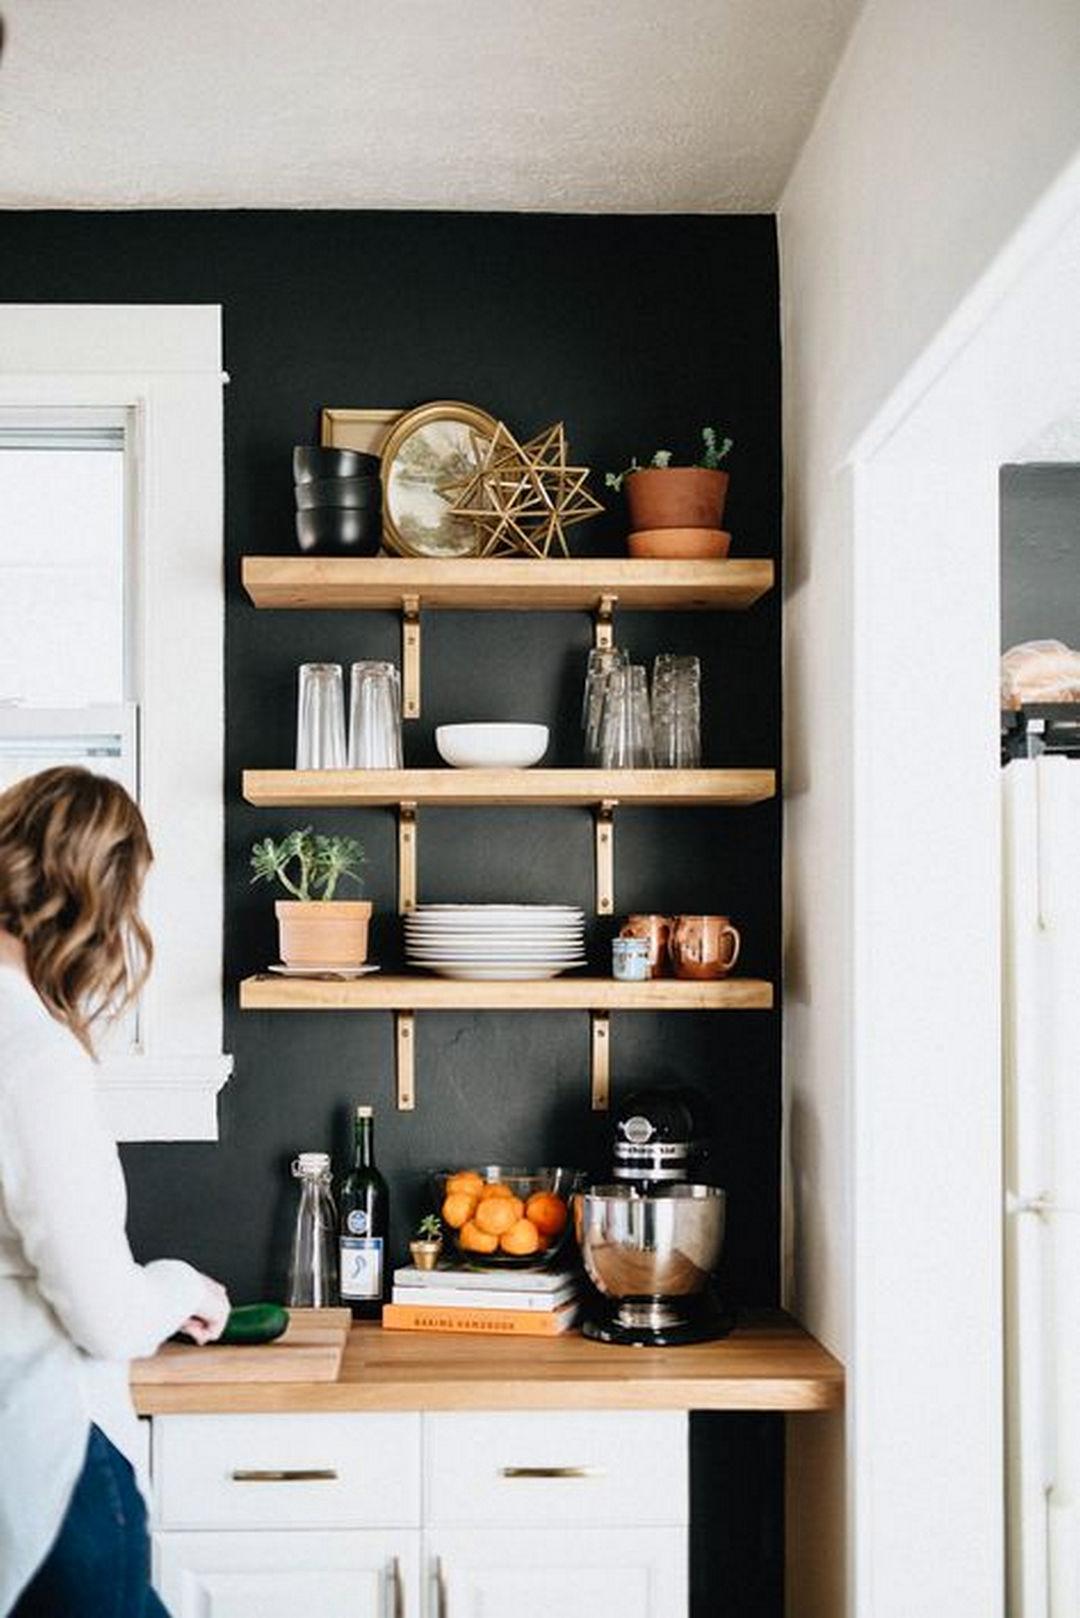 interior design fo open shelving kitchen. 28 Nice Open Shelving Ideas For Minimalist Interior Design Fo Kitchen E